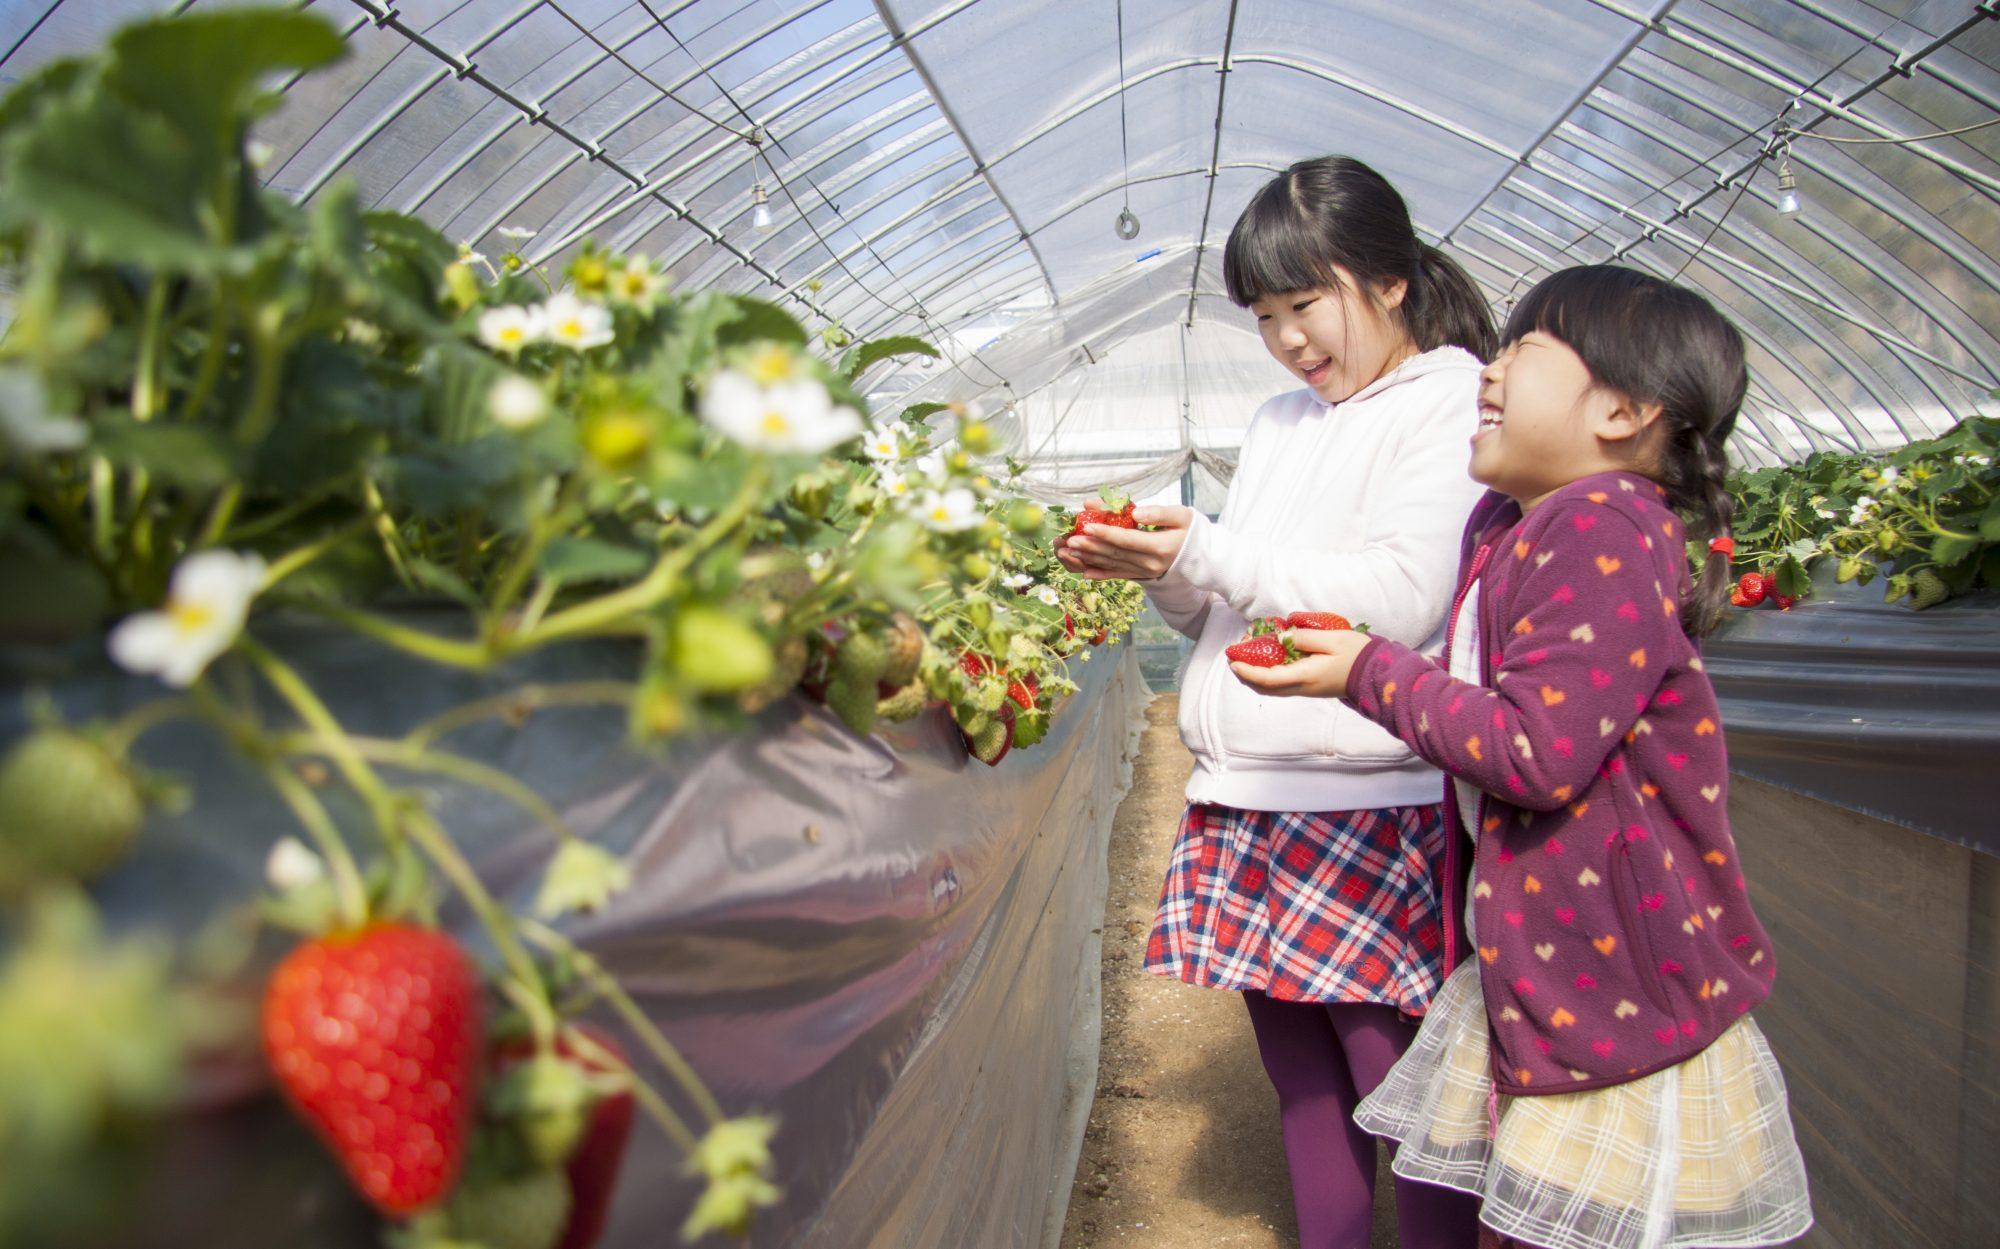 岡山の津山・美作のいちご狩りなら定兼いちご農園